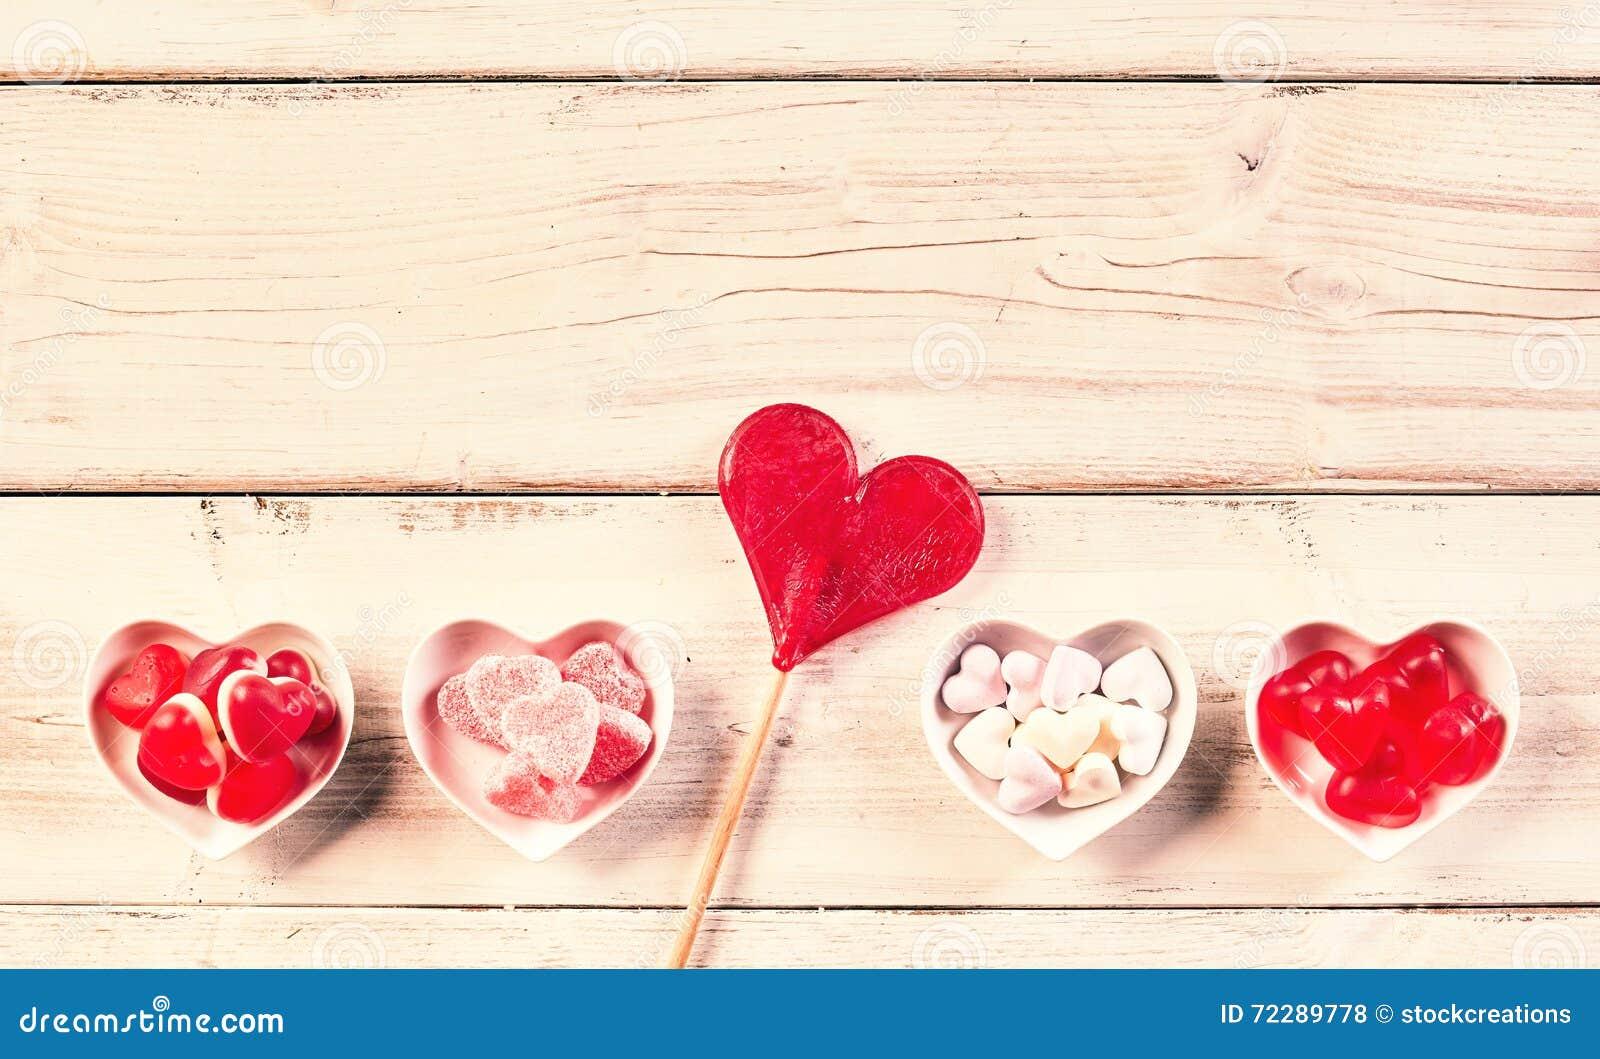 Download Деревенская деревянная предпосылка с шарами вдоль дна Стоковое Фото - изображение насчитывающей пинк, сердце: 72289778